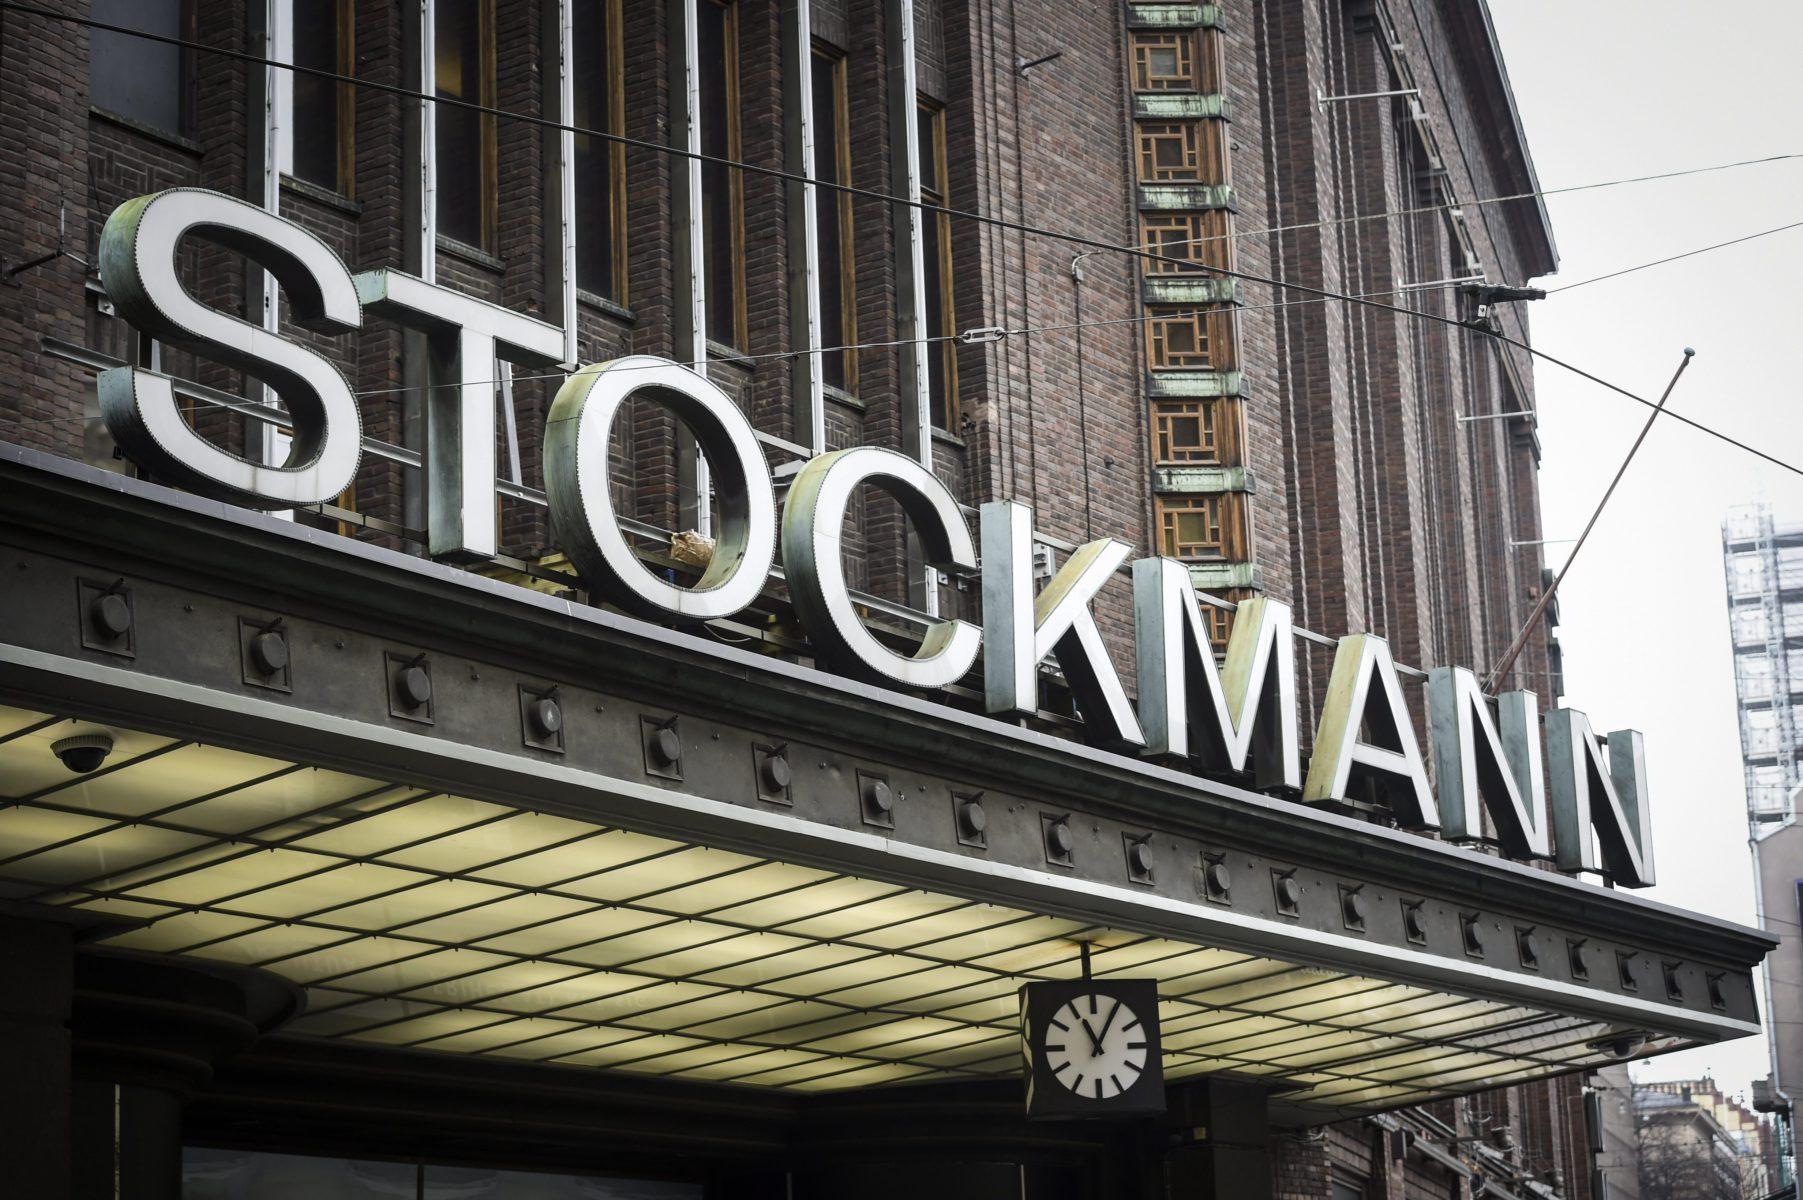 Stockmannin tavaratalo on Helsingin keskustan maamerkkejä.